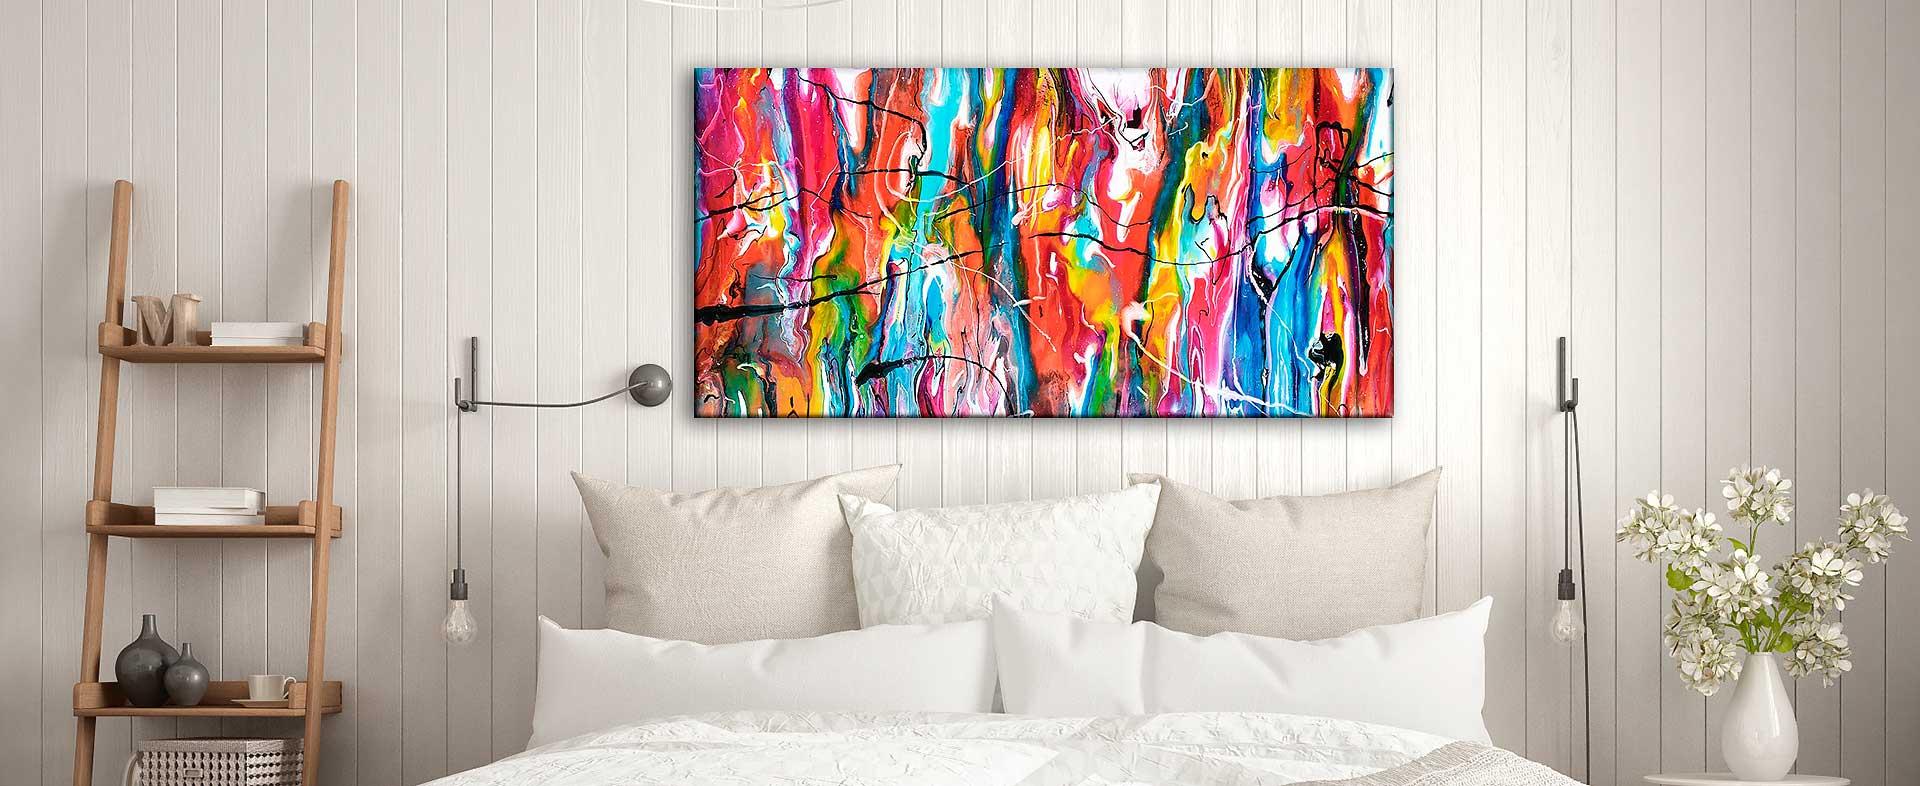 Køb malerier direkte hos kunstneren